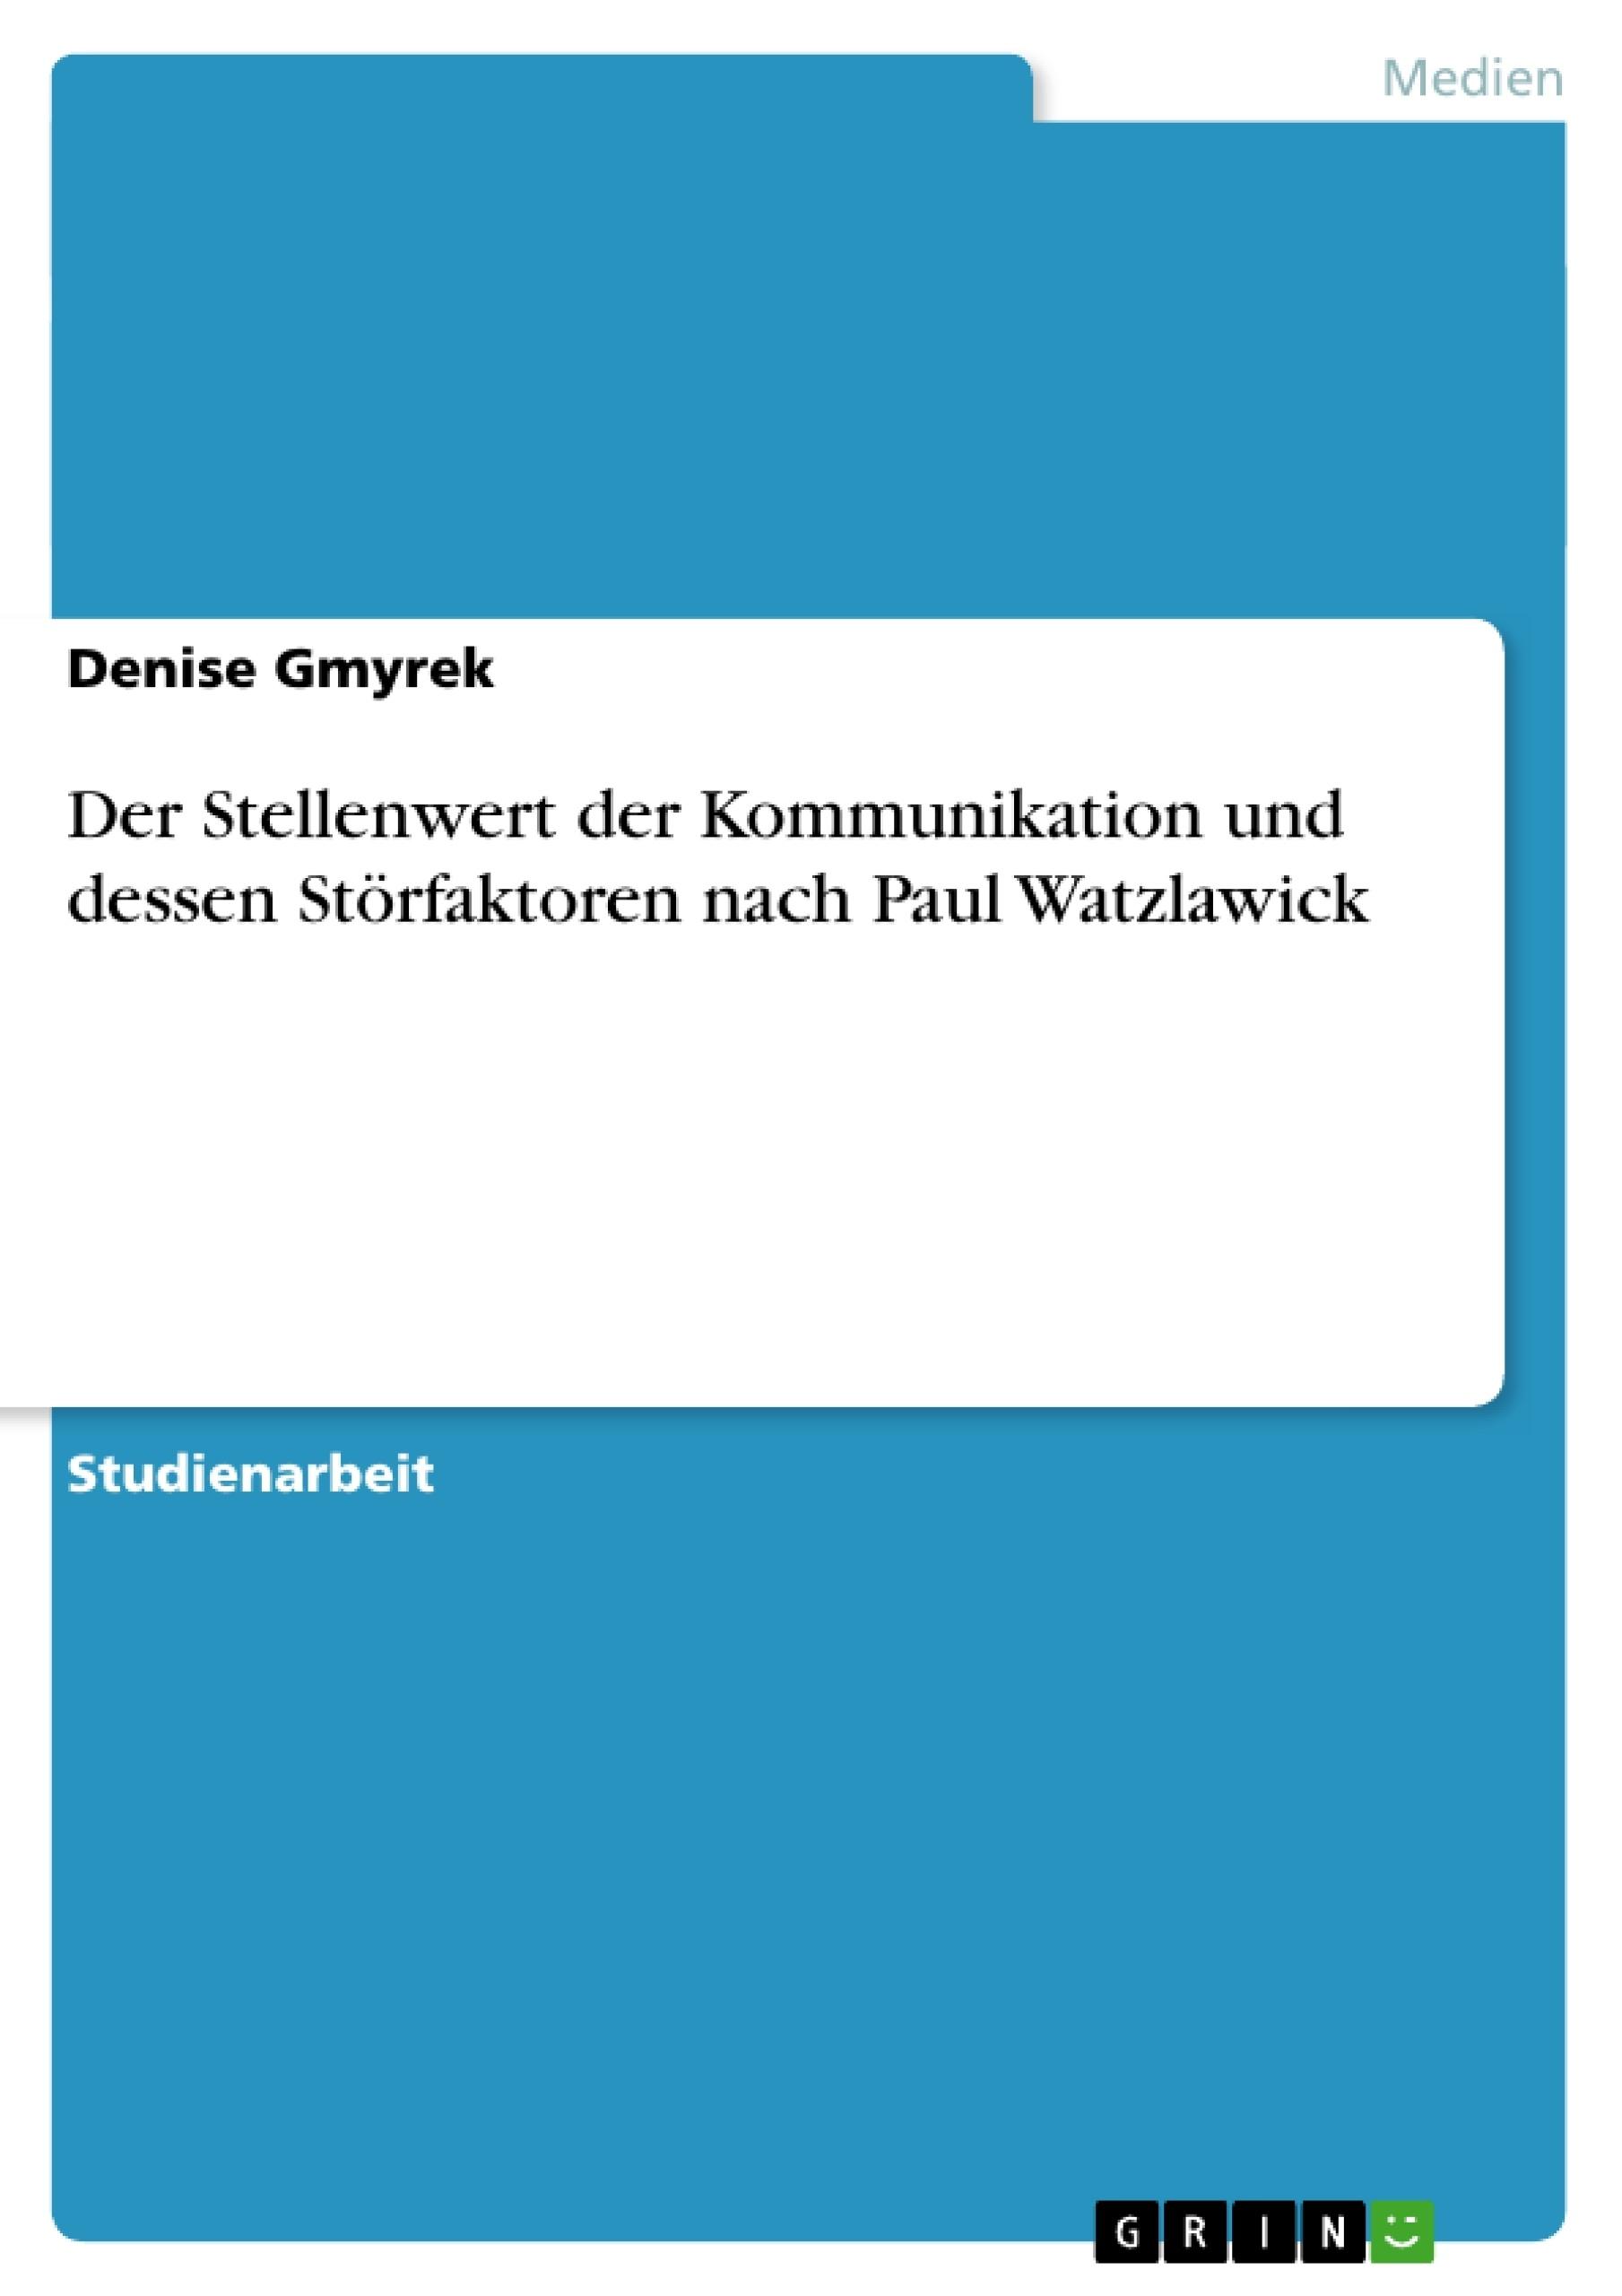 Titel: Der Stellenwert der Kommunikation und dessen Störfaktoren nach Paul Watzlawick